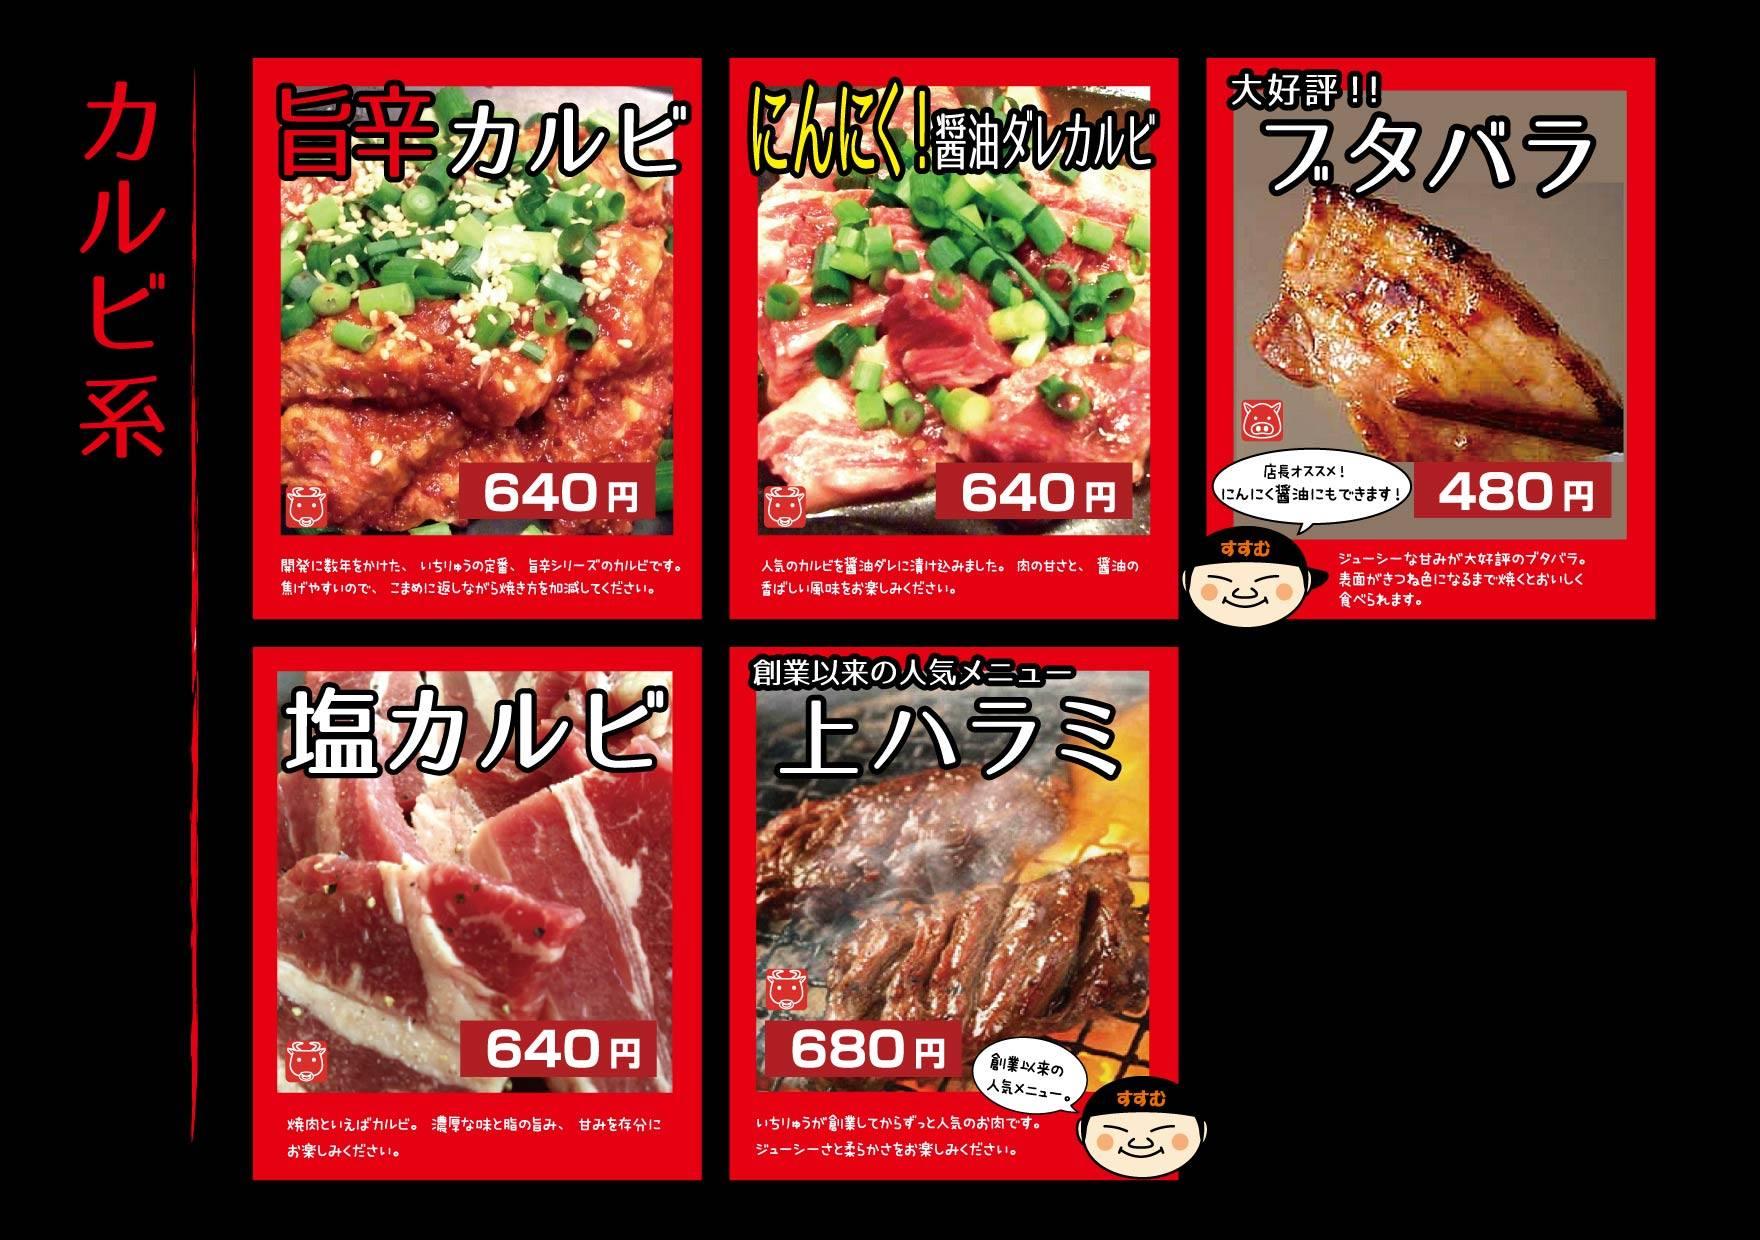 宮崎の焼肉屋さんいちりゅうの旨辛カルビ